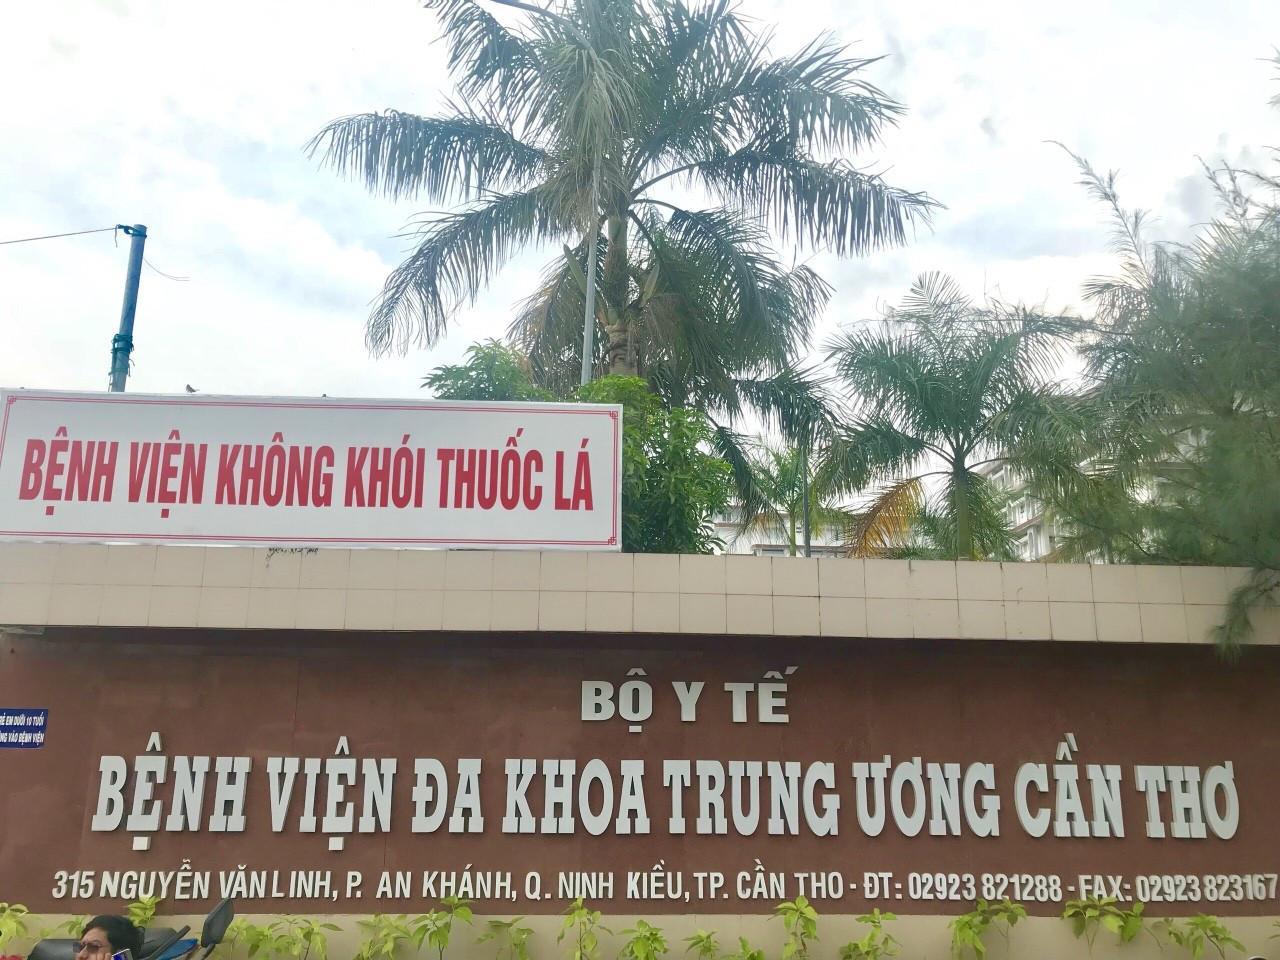 Image of Bệnh viện Đa khoa Trung ương Cần Thơ